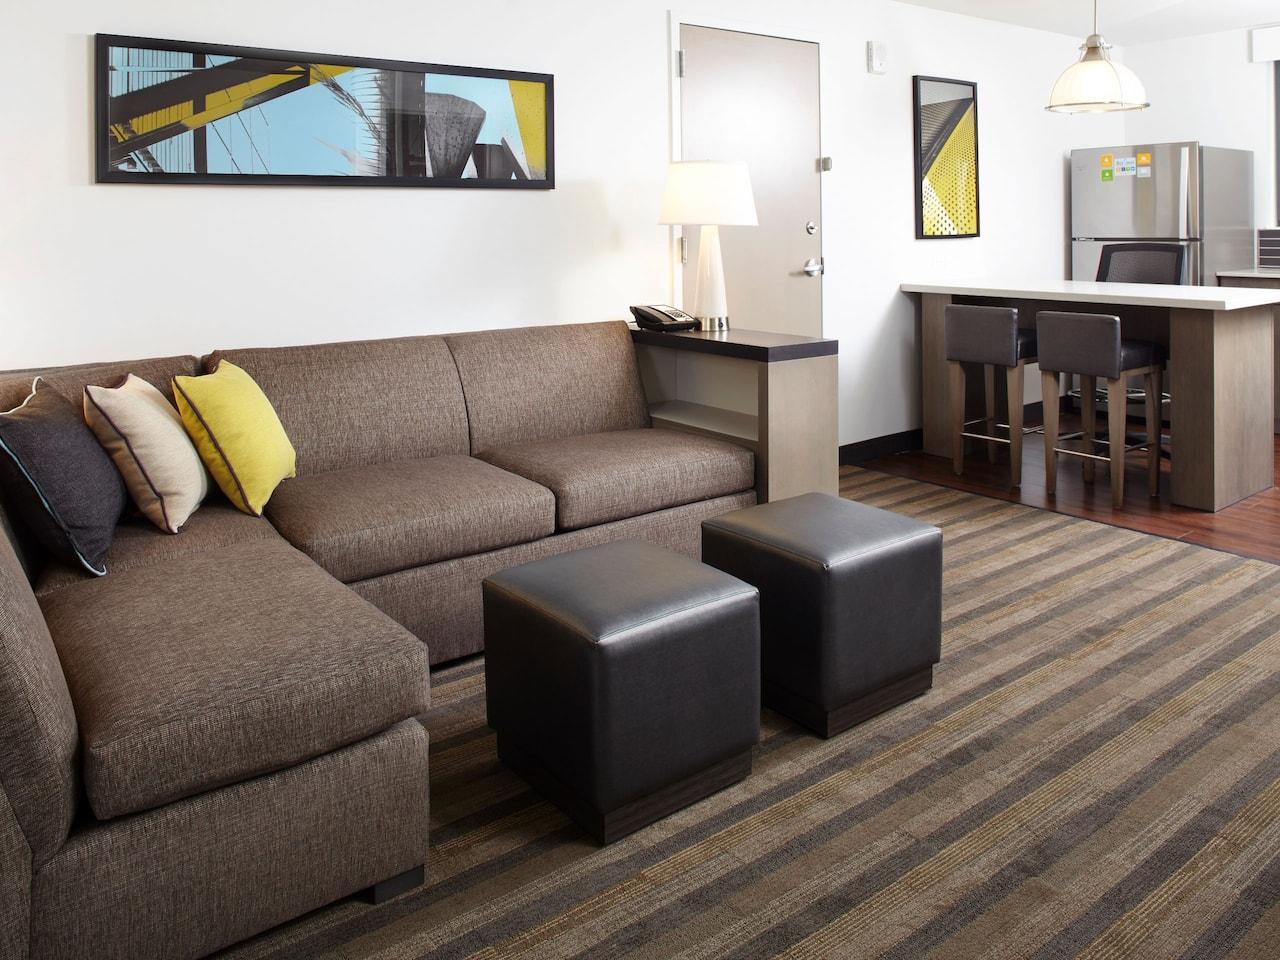 Hyatt House Denver / Lakewood at Belmar Living Room Suite